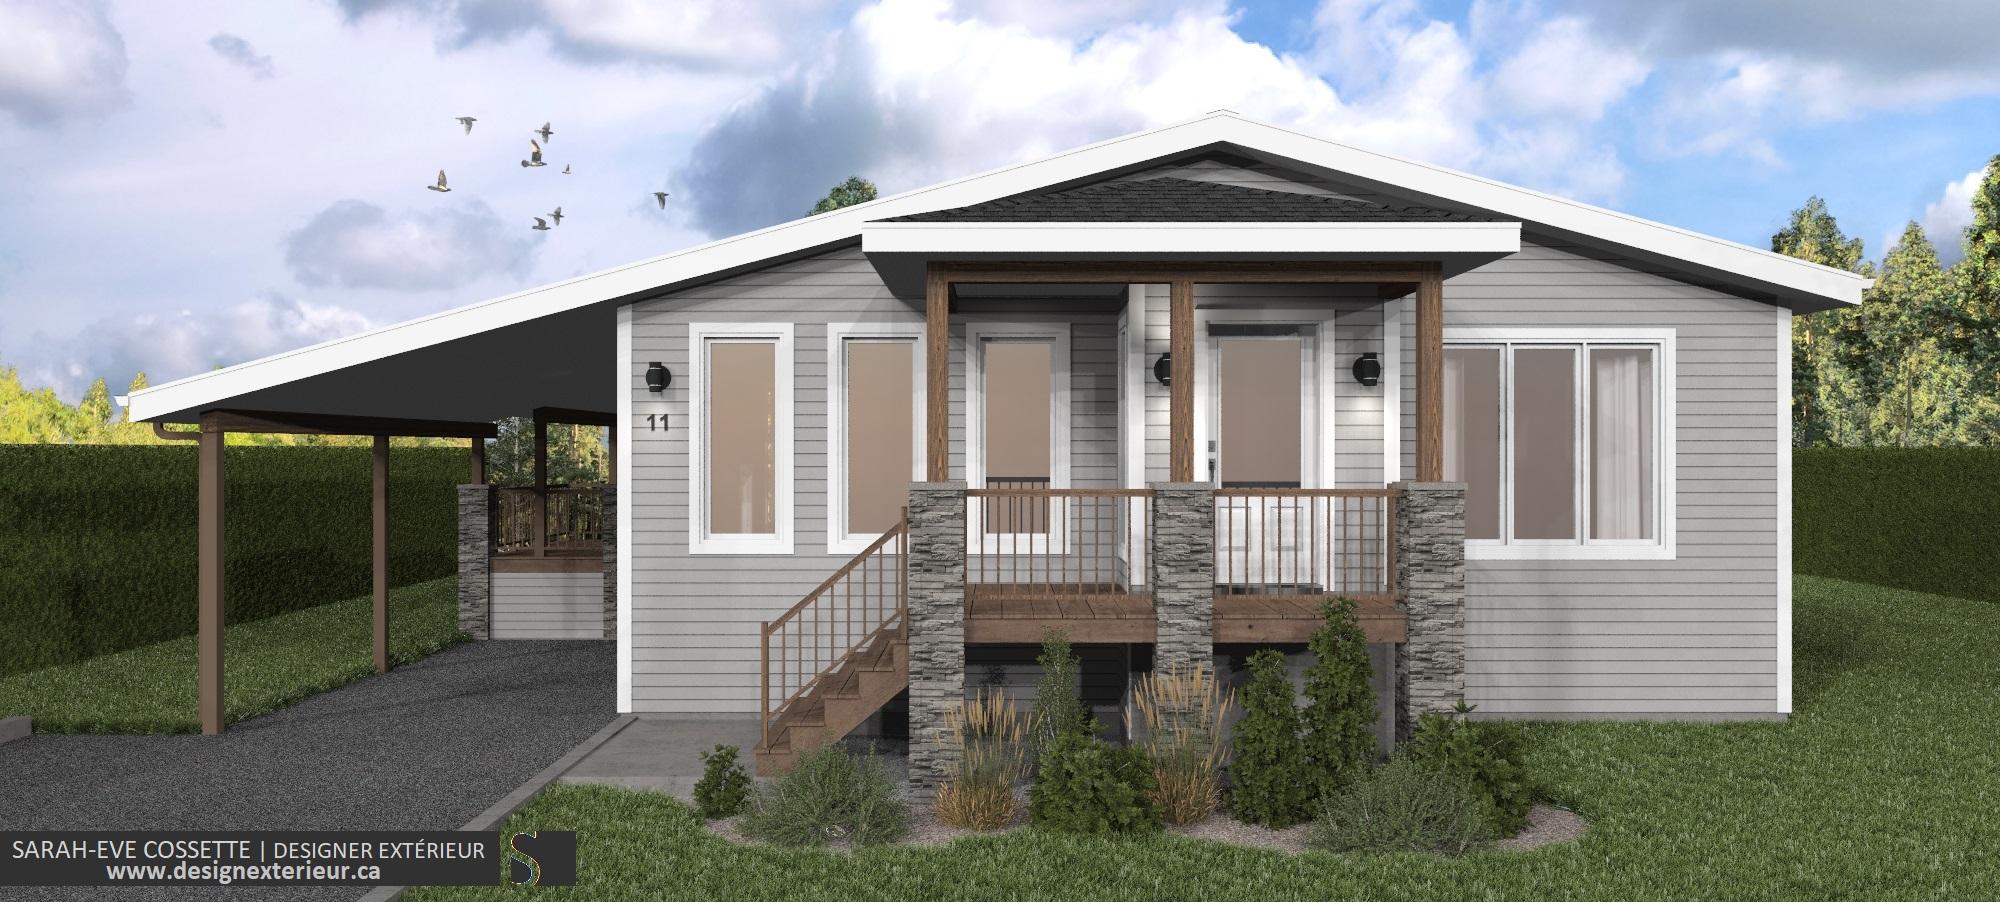 Projet Design exterieur 2020-DE001-3.0 maison a Amos visuel 3